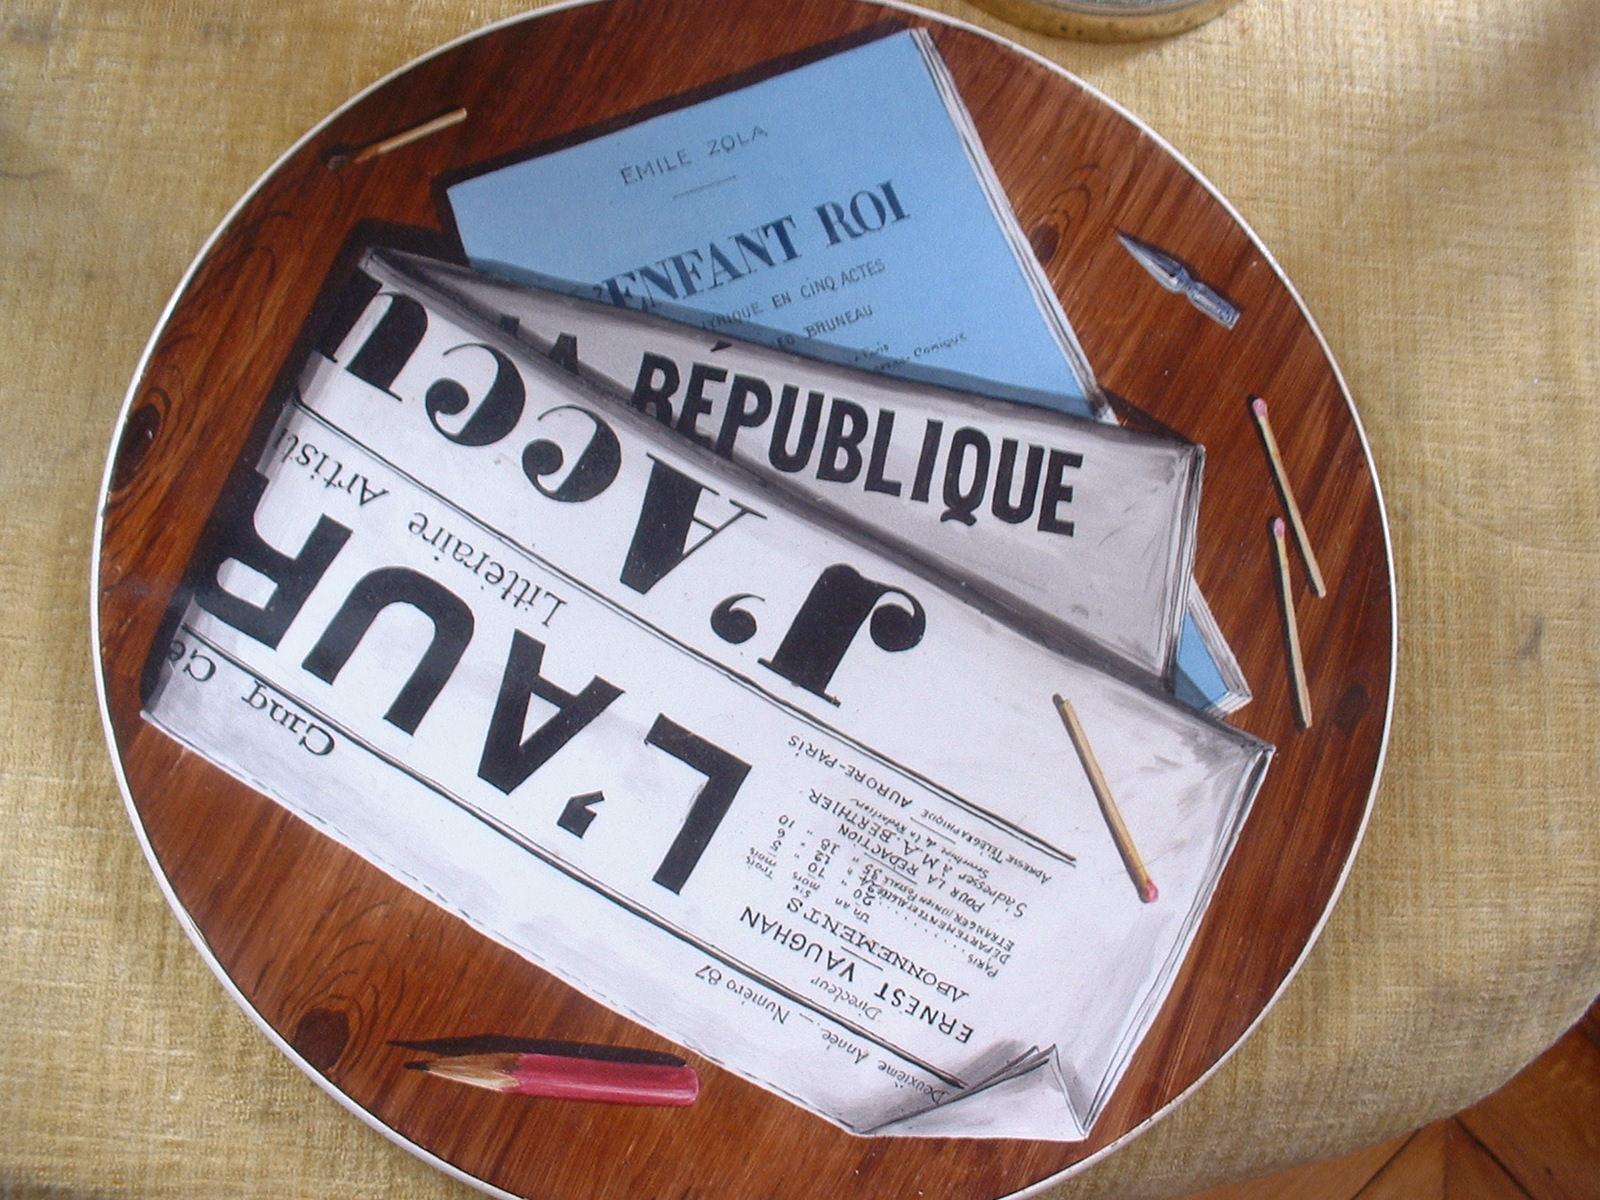 """Image - <em>J'Accuse </em>et <em>L'Enfant roi</em>"""" /></a></p> </div><h3>Commentaires</h3><p>Ce plat en trompe l'oeil est un hommage à Emile Zola, celui qui écrivit tout à la fois <em>J'Accuse </em>et le livret de <em>L'Enfant roi</em>, drame lyrique sur une musique d'Alfred Bruneau, représenté à l'Opéra-Comique en 1905.</p><h3>Auteur</h3><p>Non déterminé</p><h3>Date</h3><p>Vers 1905</p><h3>Origine</h3><p>Collection Puaux-Bruneau</p><h3>Mots-clés</h3><ul class="""